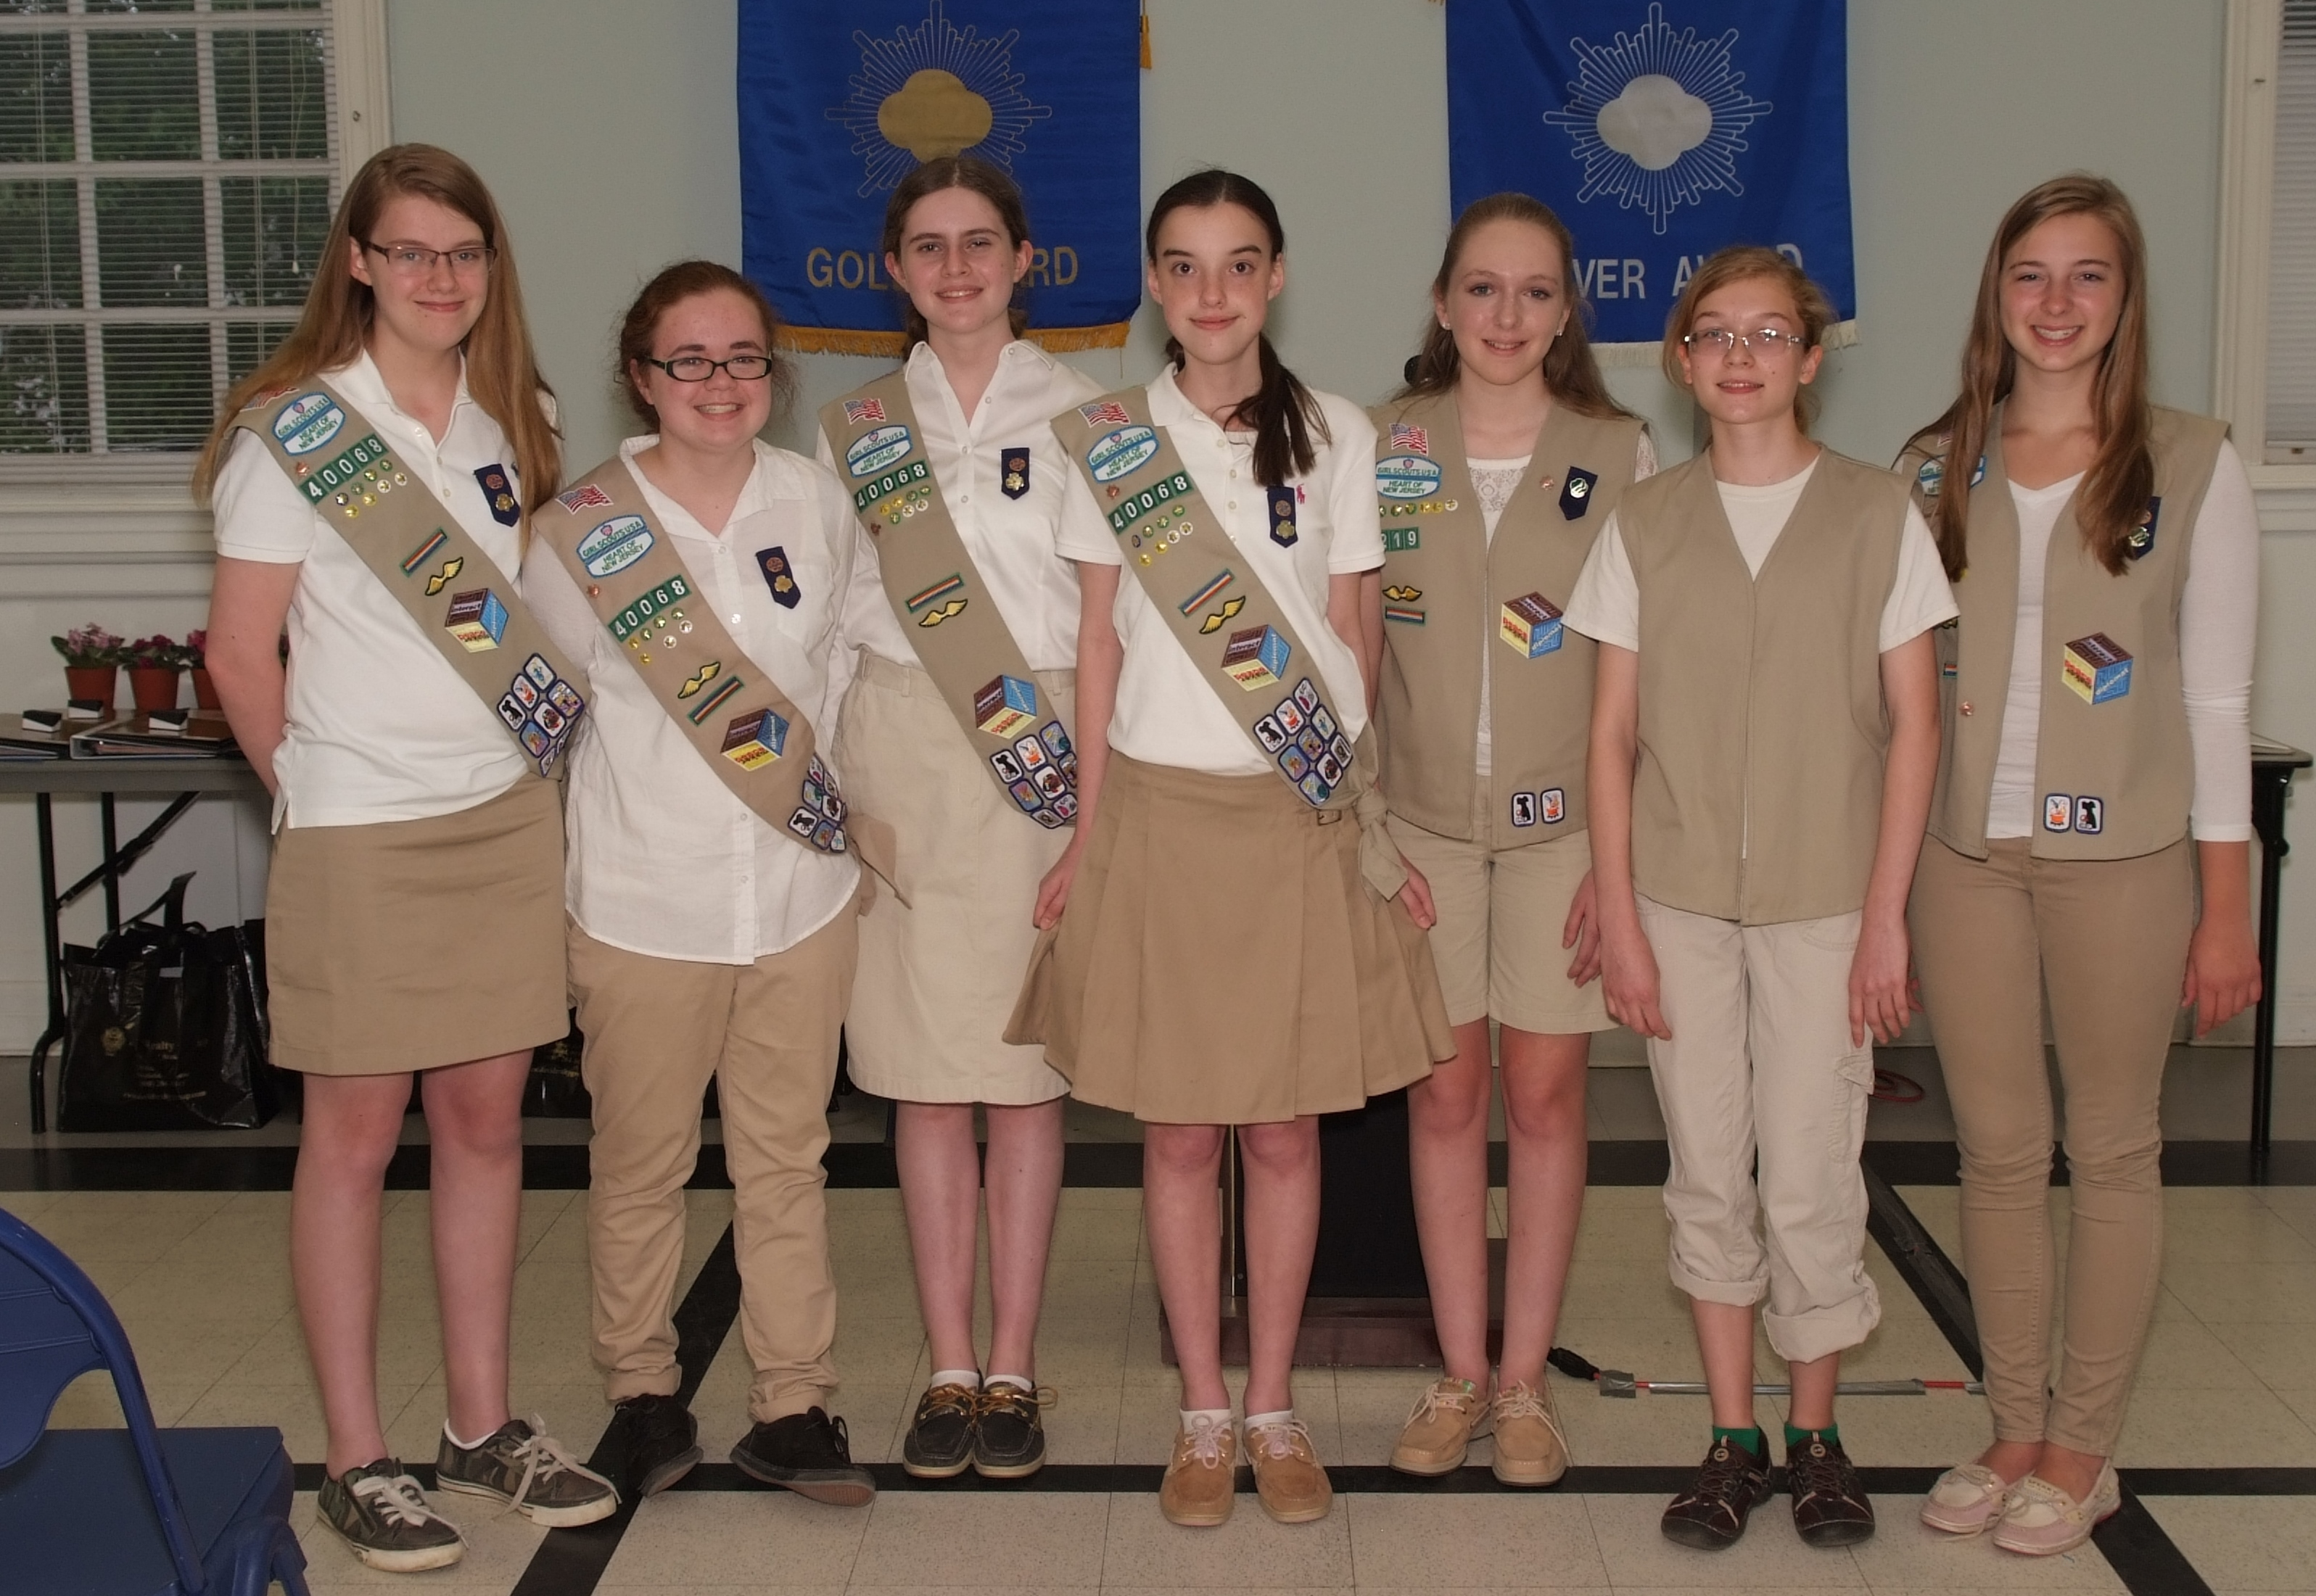 9aef1ab6dba2ee69591f_Westfield_Girl_Scout_Silver_Award_2014.jpg